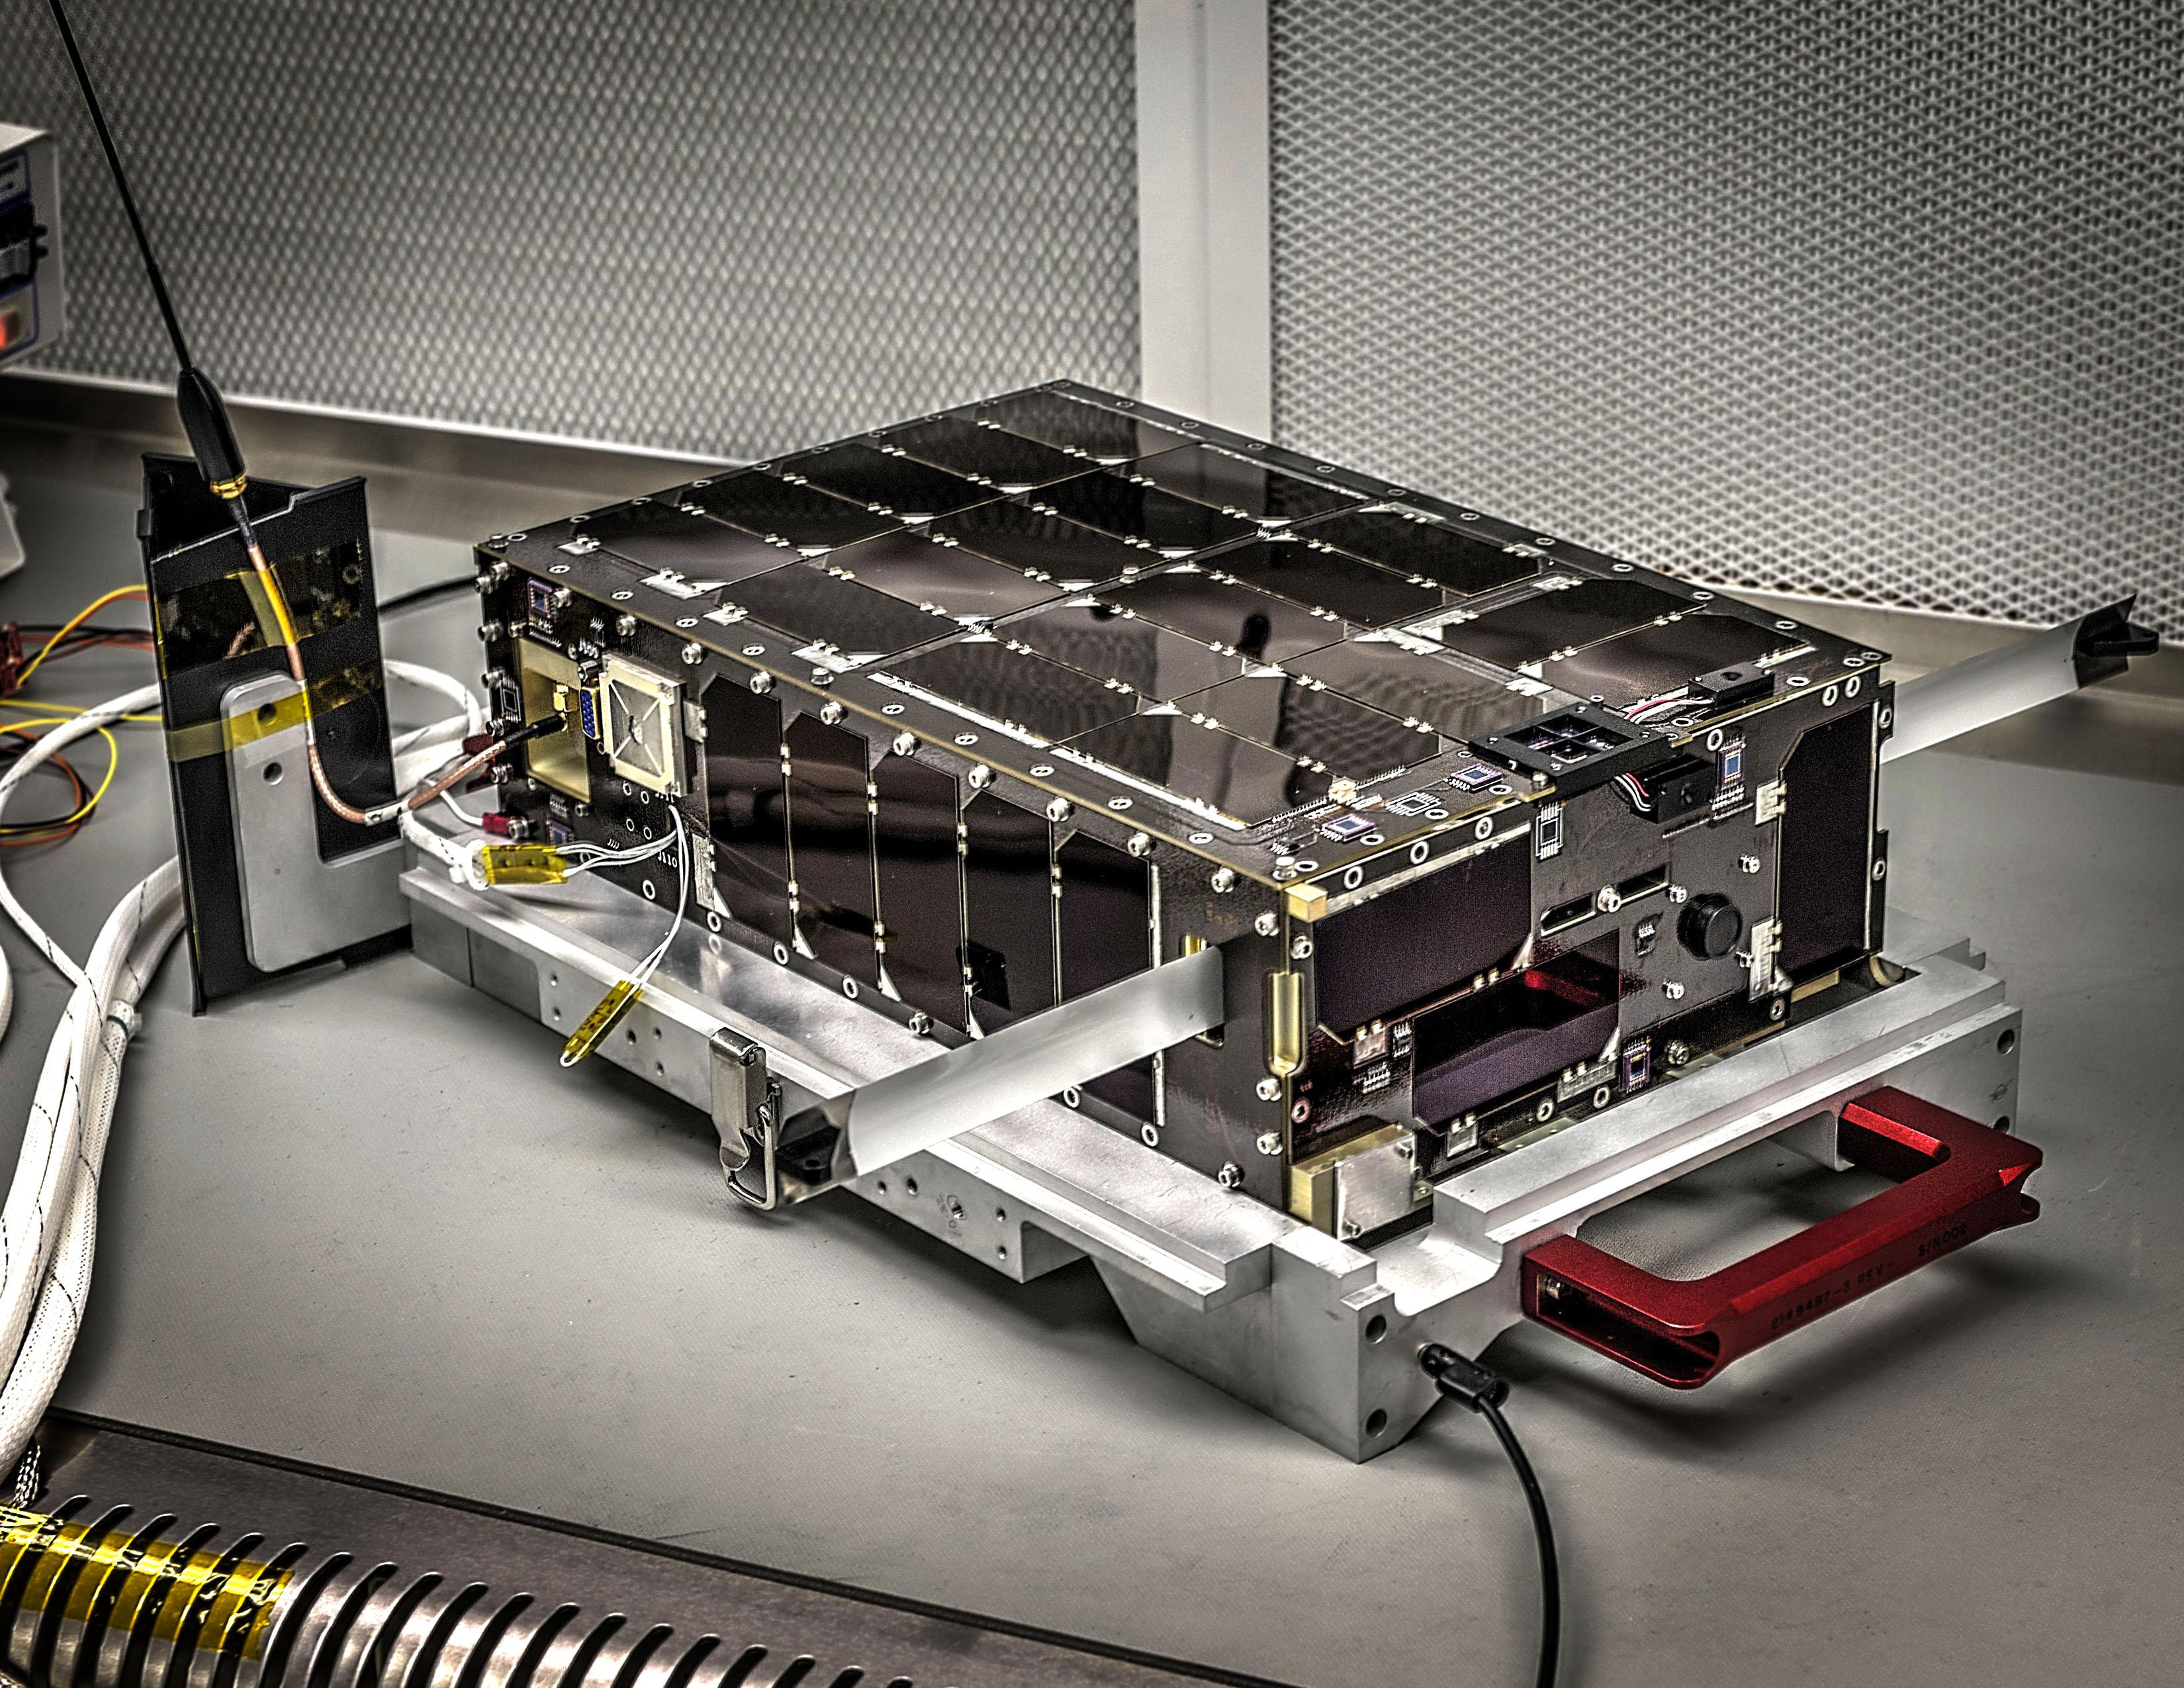 Корпус сателлита «обшит» солнечными батареями. По размеру он немного превосходит коробку с кукурузными хлопьями и имеет блок 6U, объем которого составляет примерно шесть литров.  Credits: NASA's Goddard Space Flight Center/Bill Hrybyk